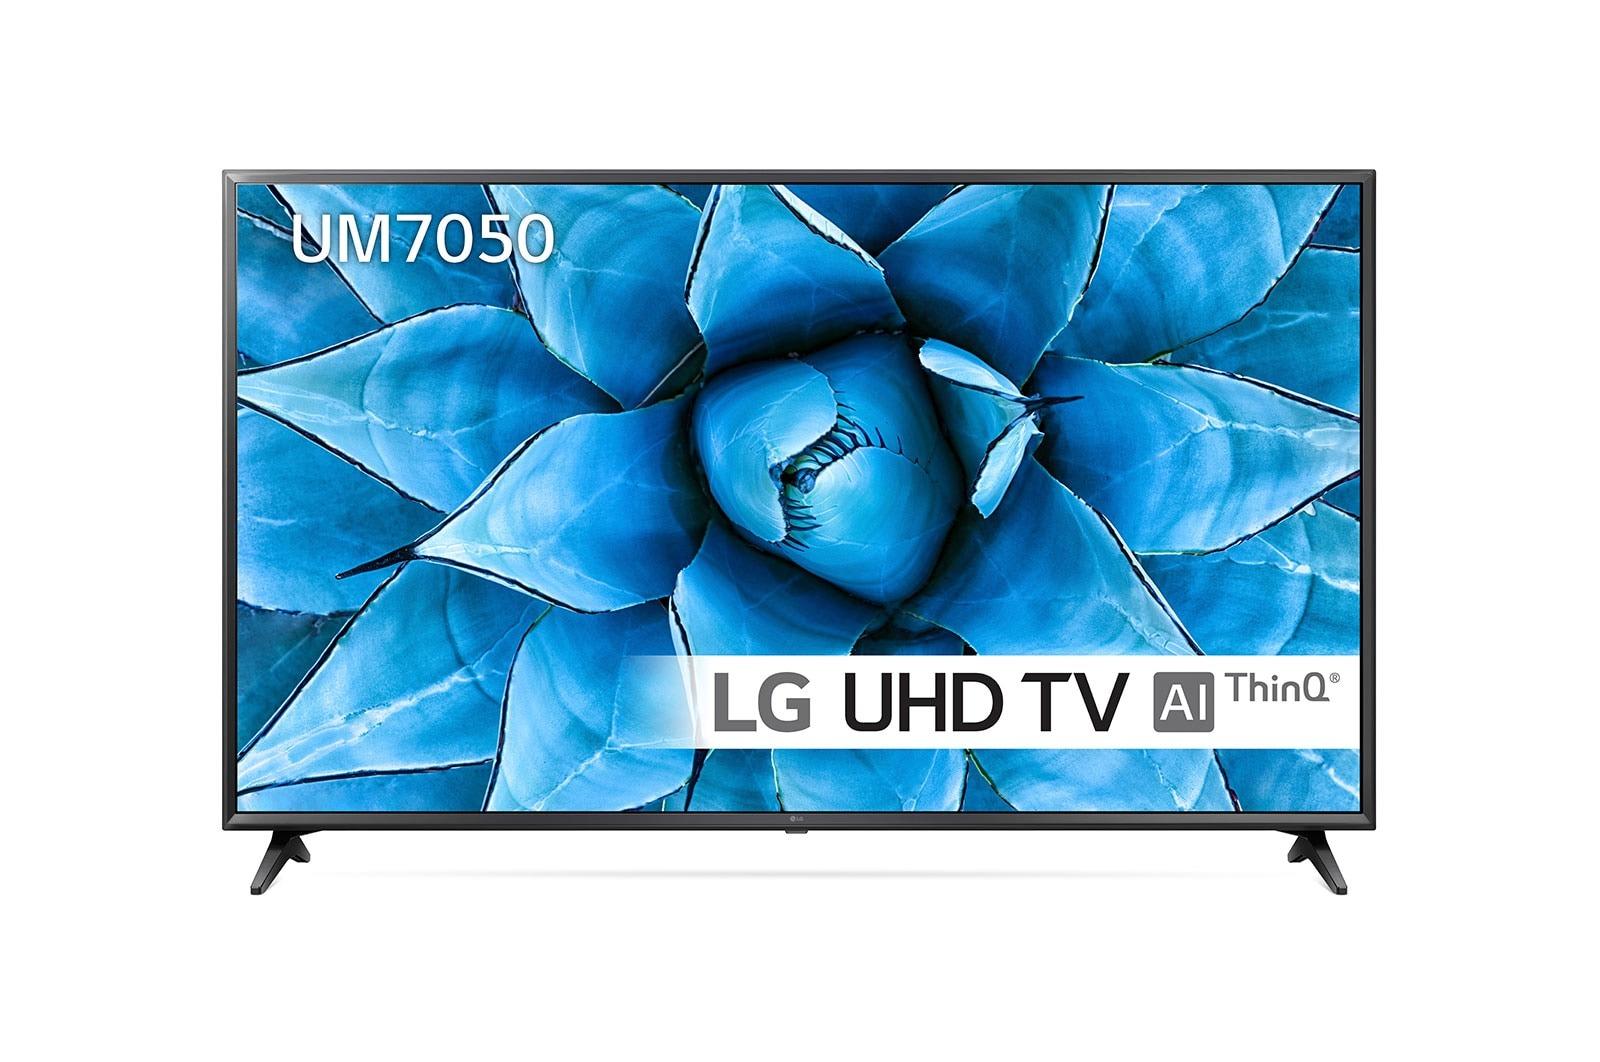 Dagaanbieding - LG UHD TV 65UM7050 dagelijkse koopjes